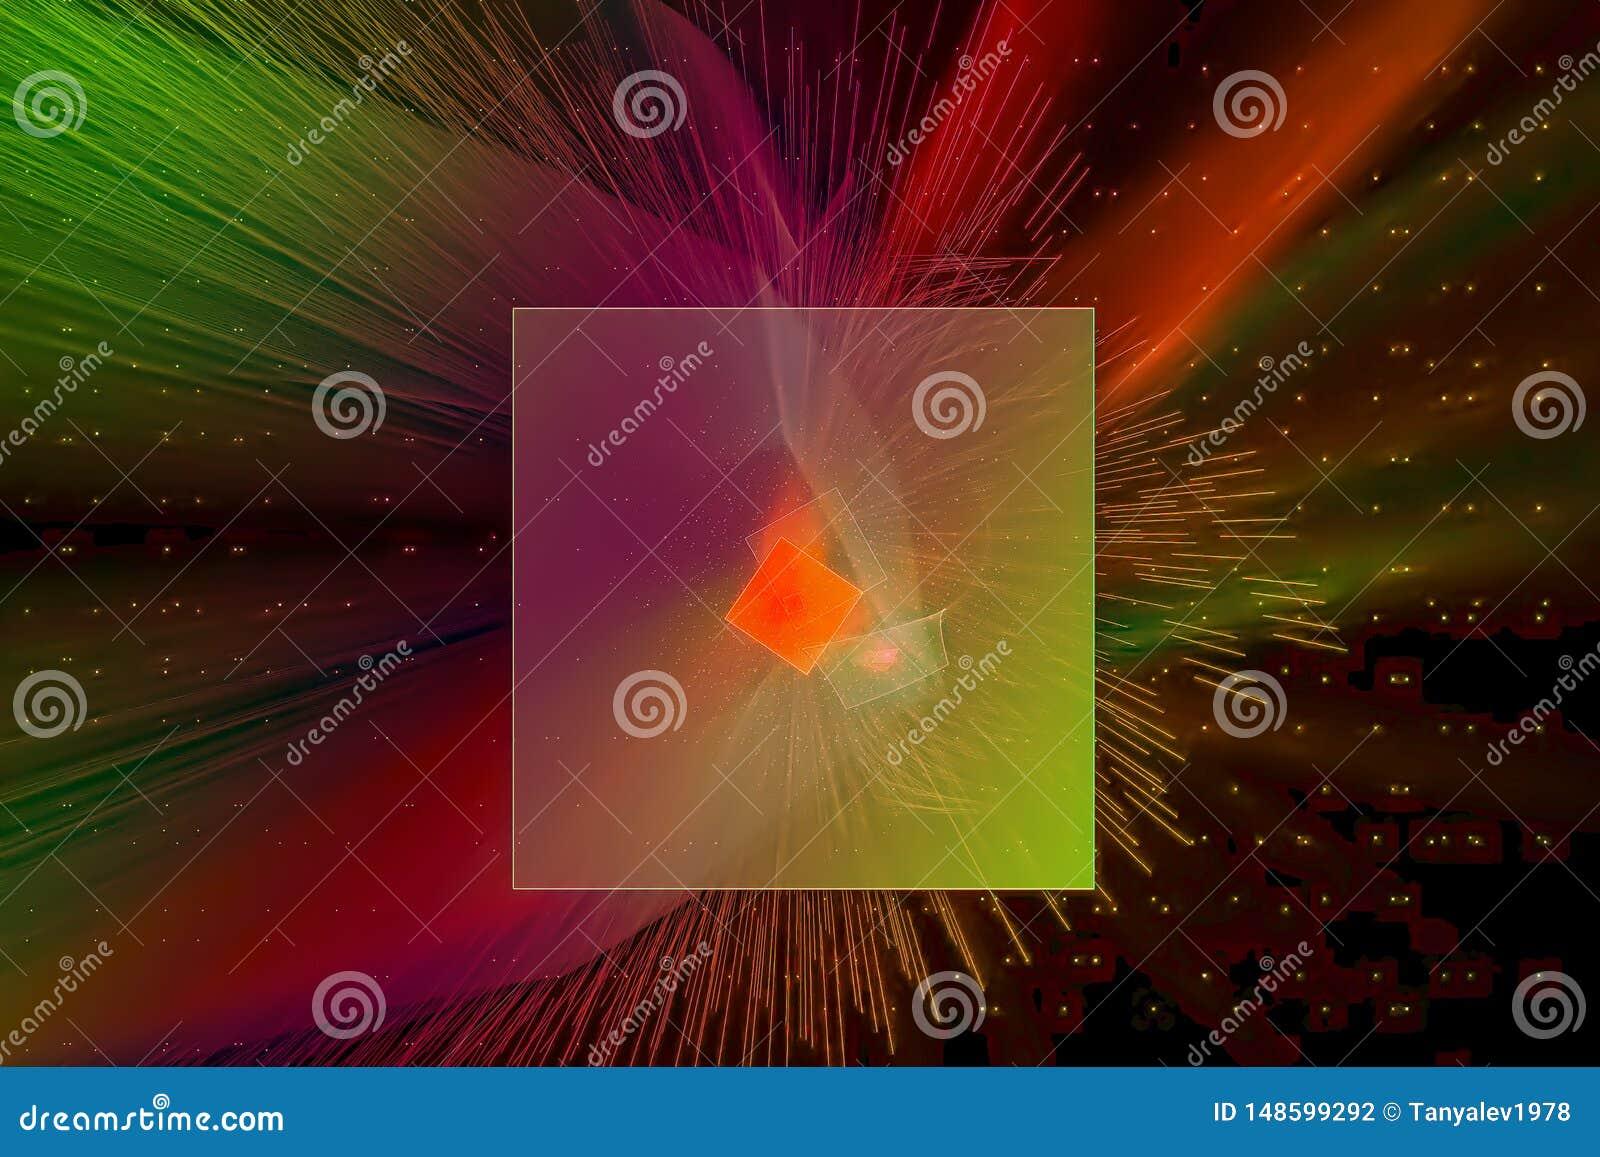 发光的波斯菊未来派爆炸爆炸科学波浪样式飞溅力量幻想爆炸设计飞溅,闪闪发光